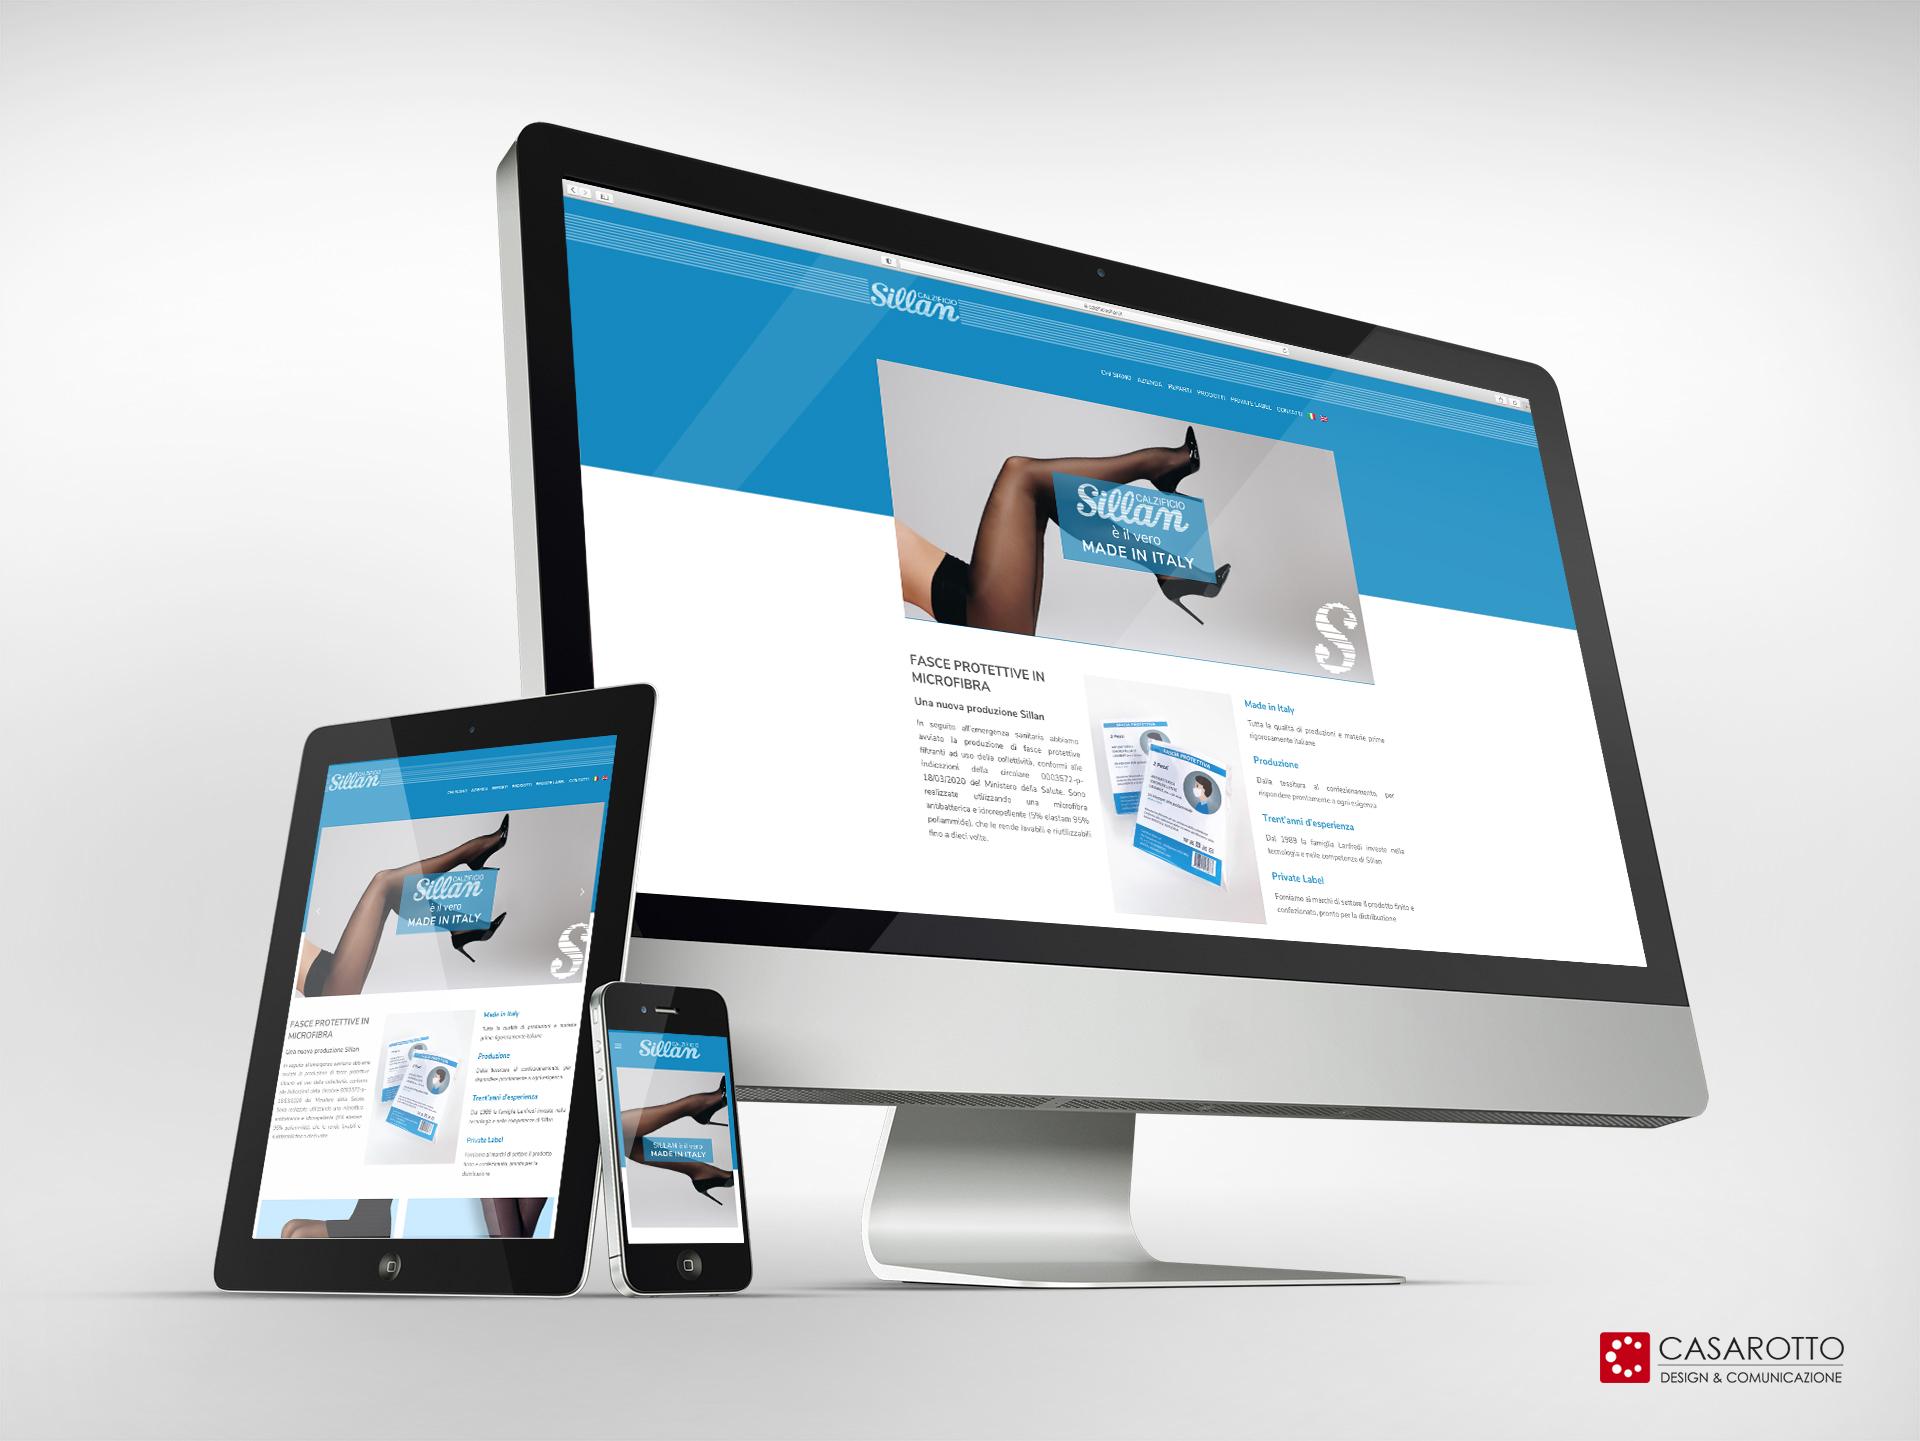 casarotto design comunicazione castiglione stiviere mantova social network realizzazione siti web design brand identity sillan